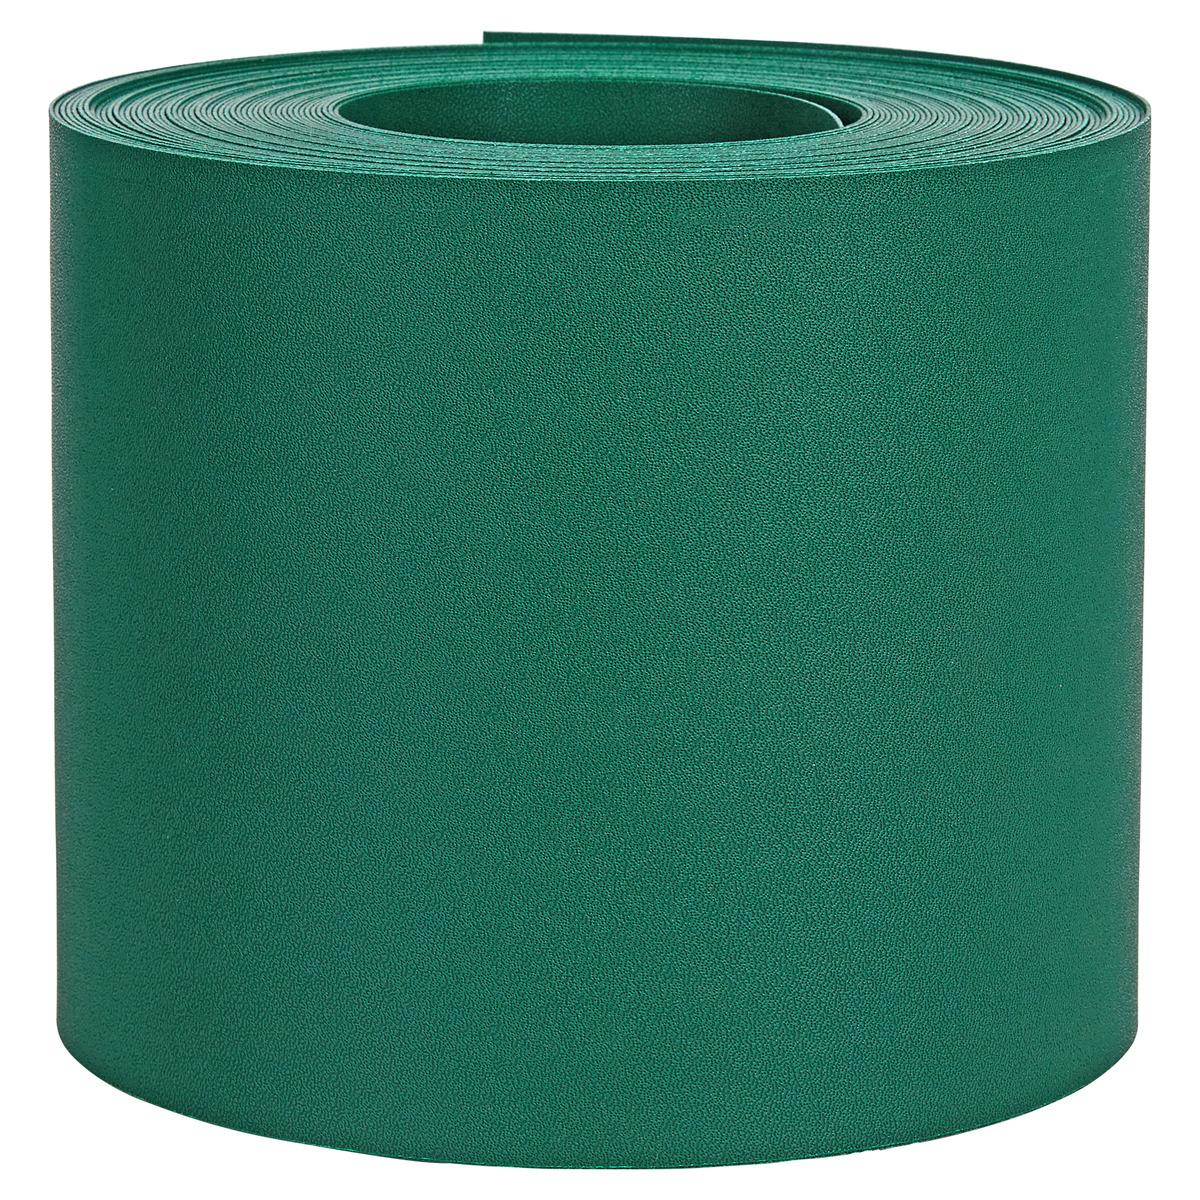 Bild 1 von Sichtschutzstreifen grün 19 x 2510 cm